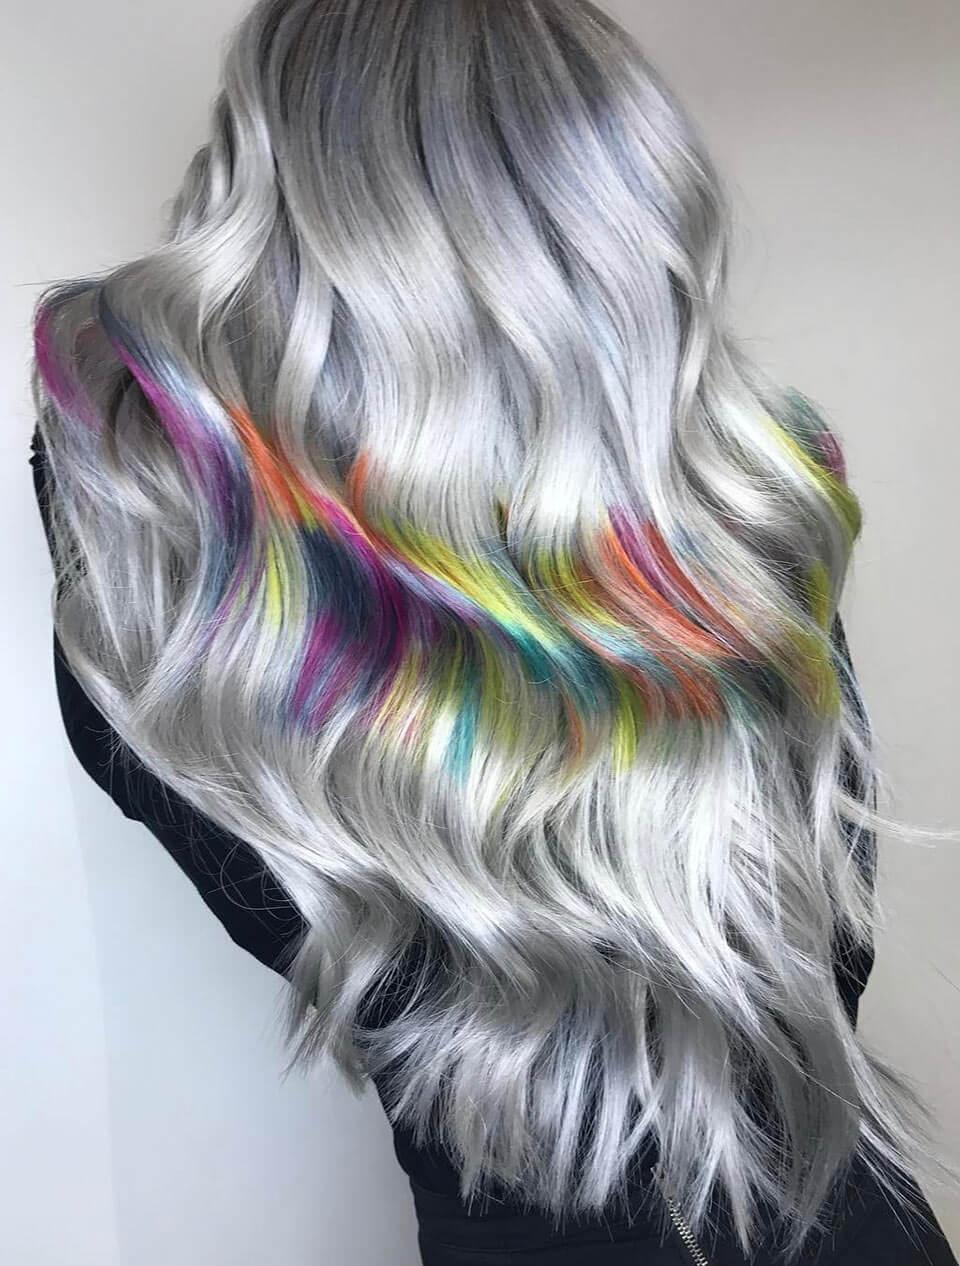 Cabelos coloridos em cinza